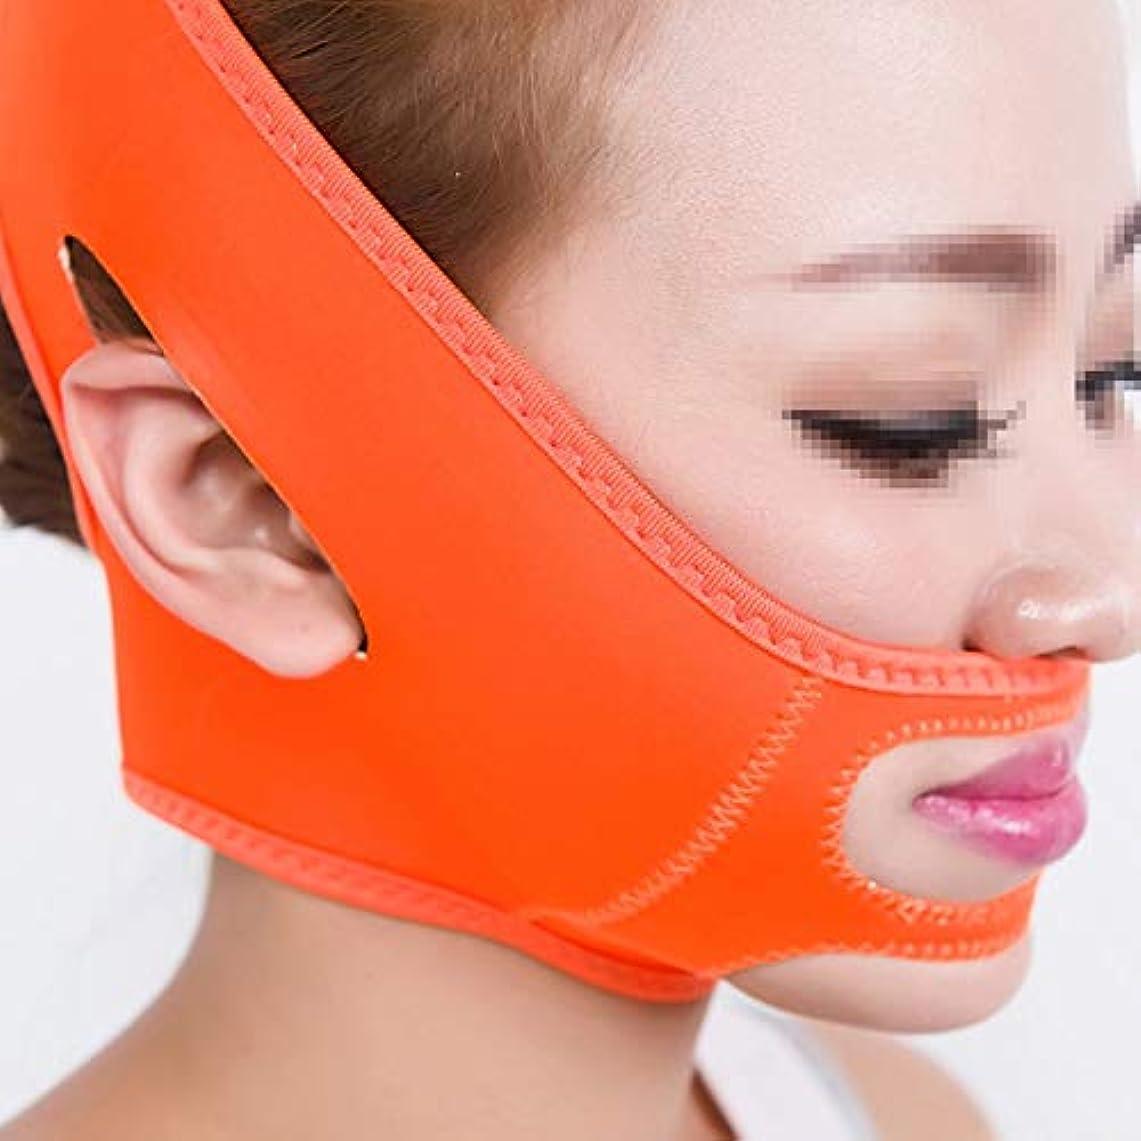 ヤング壊滅的な正しく薄型フェイスベルト、Vフェイス付きスリープマスク包帯引き締めリフティングフェイスダブルチンフェイスマスクマルチカラーオプション (Color : Orange)